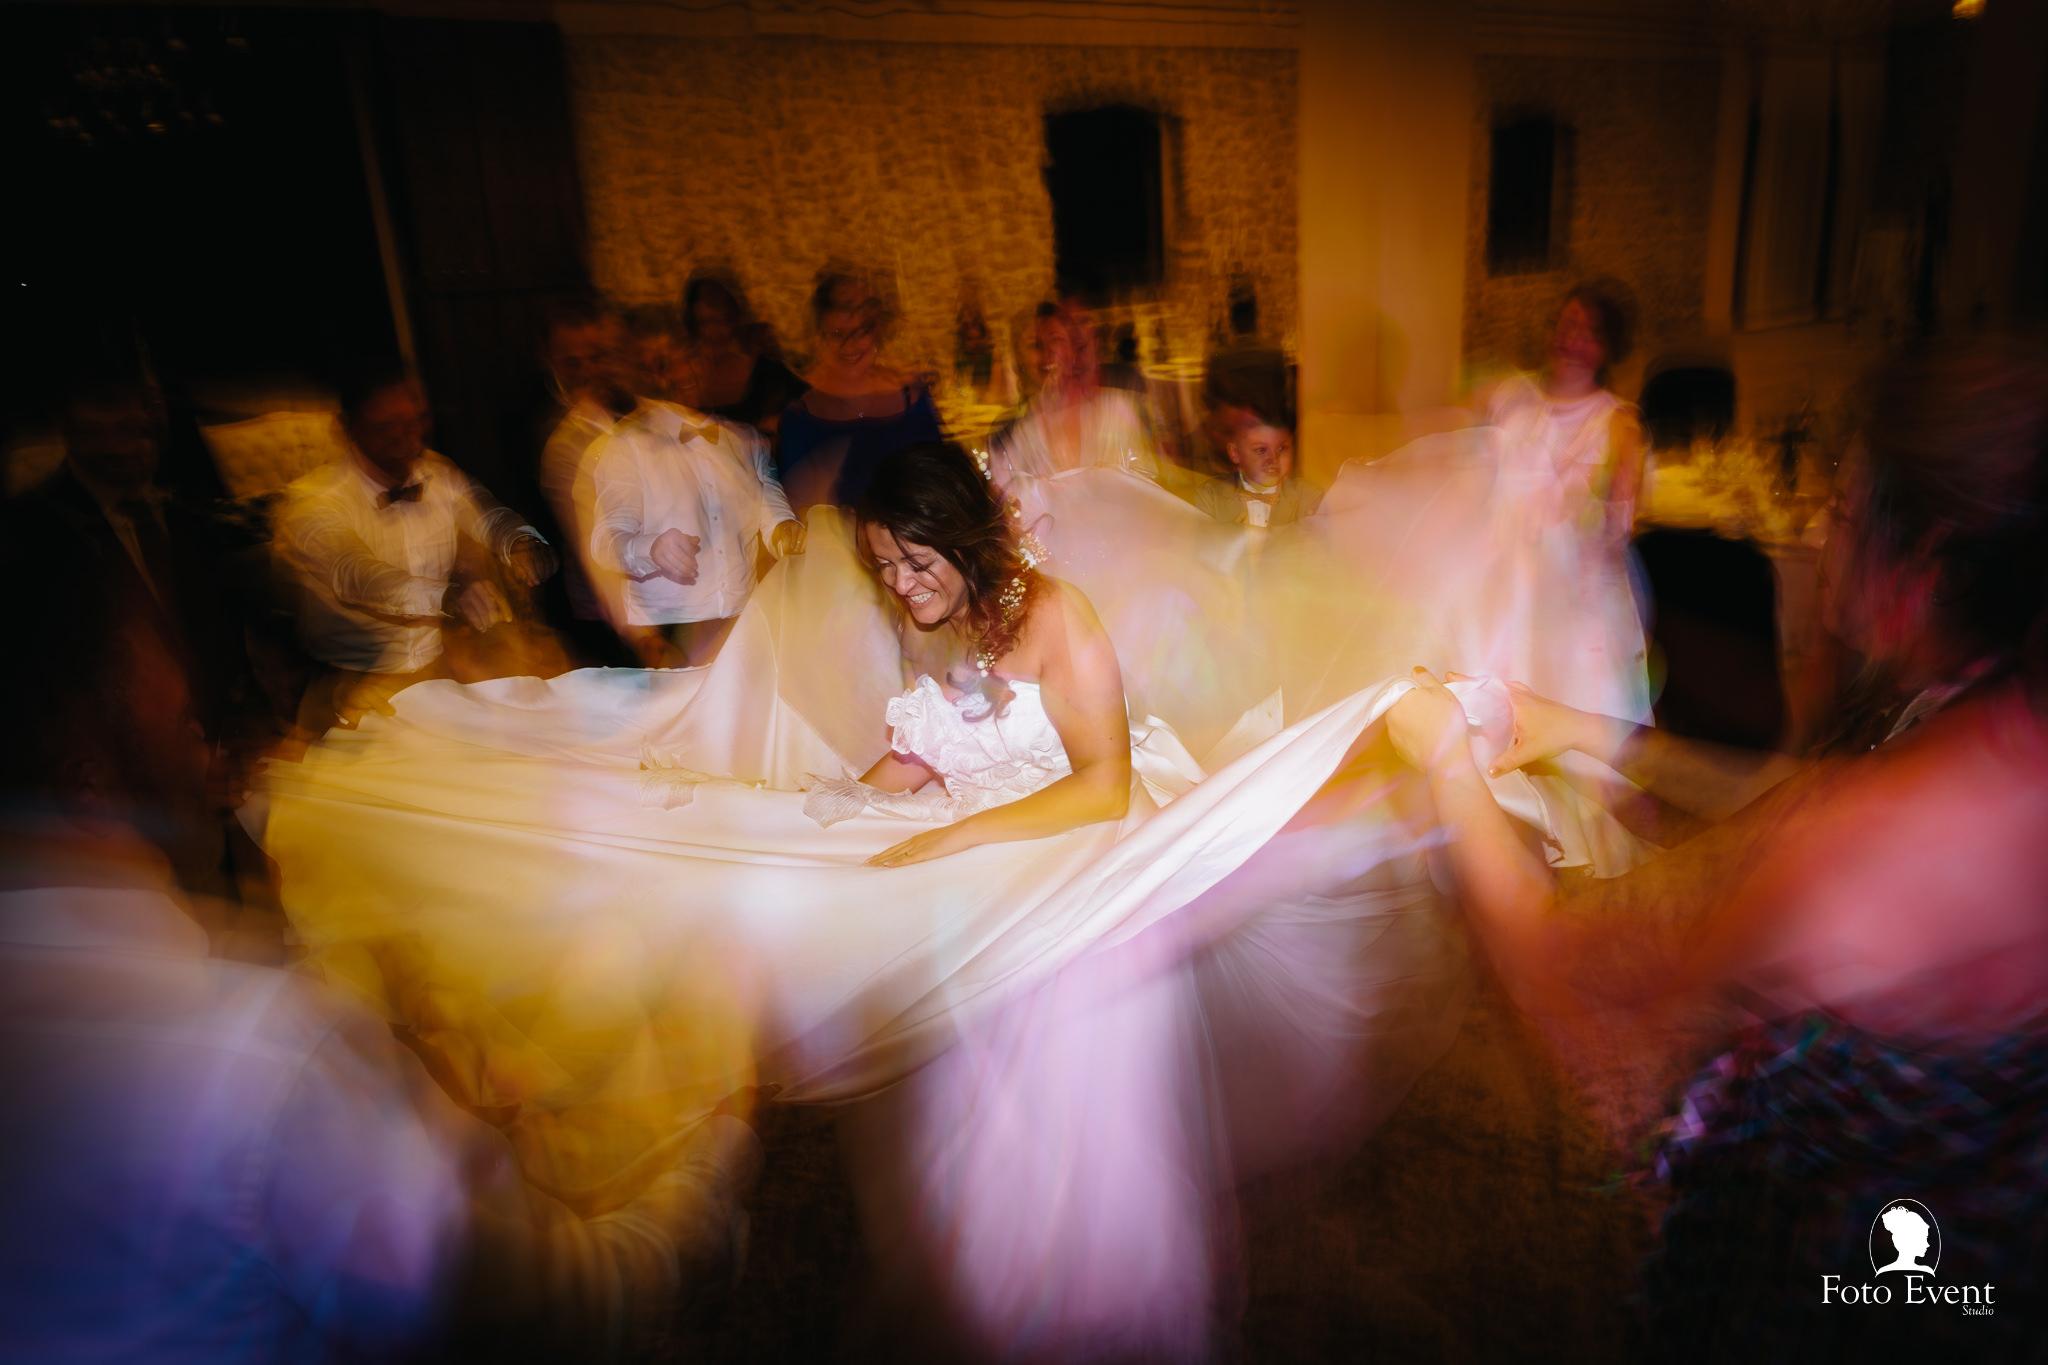 055-2020-10-15-Matrimonio-Noemi-e-Salvatore-Paterno-5DE-2336